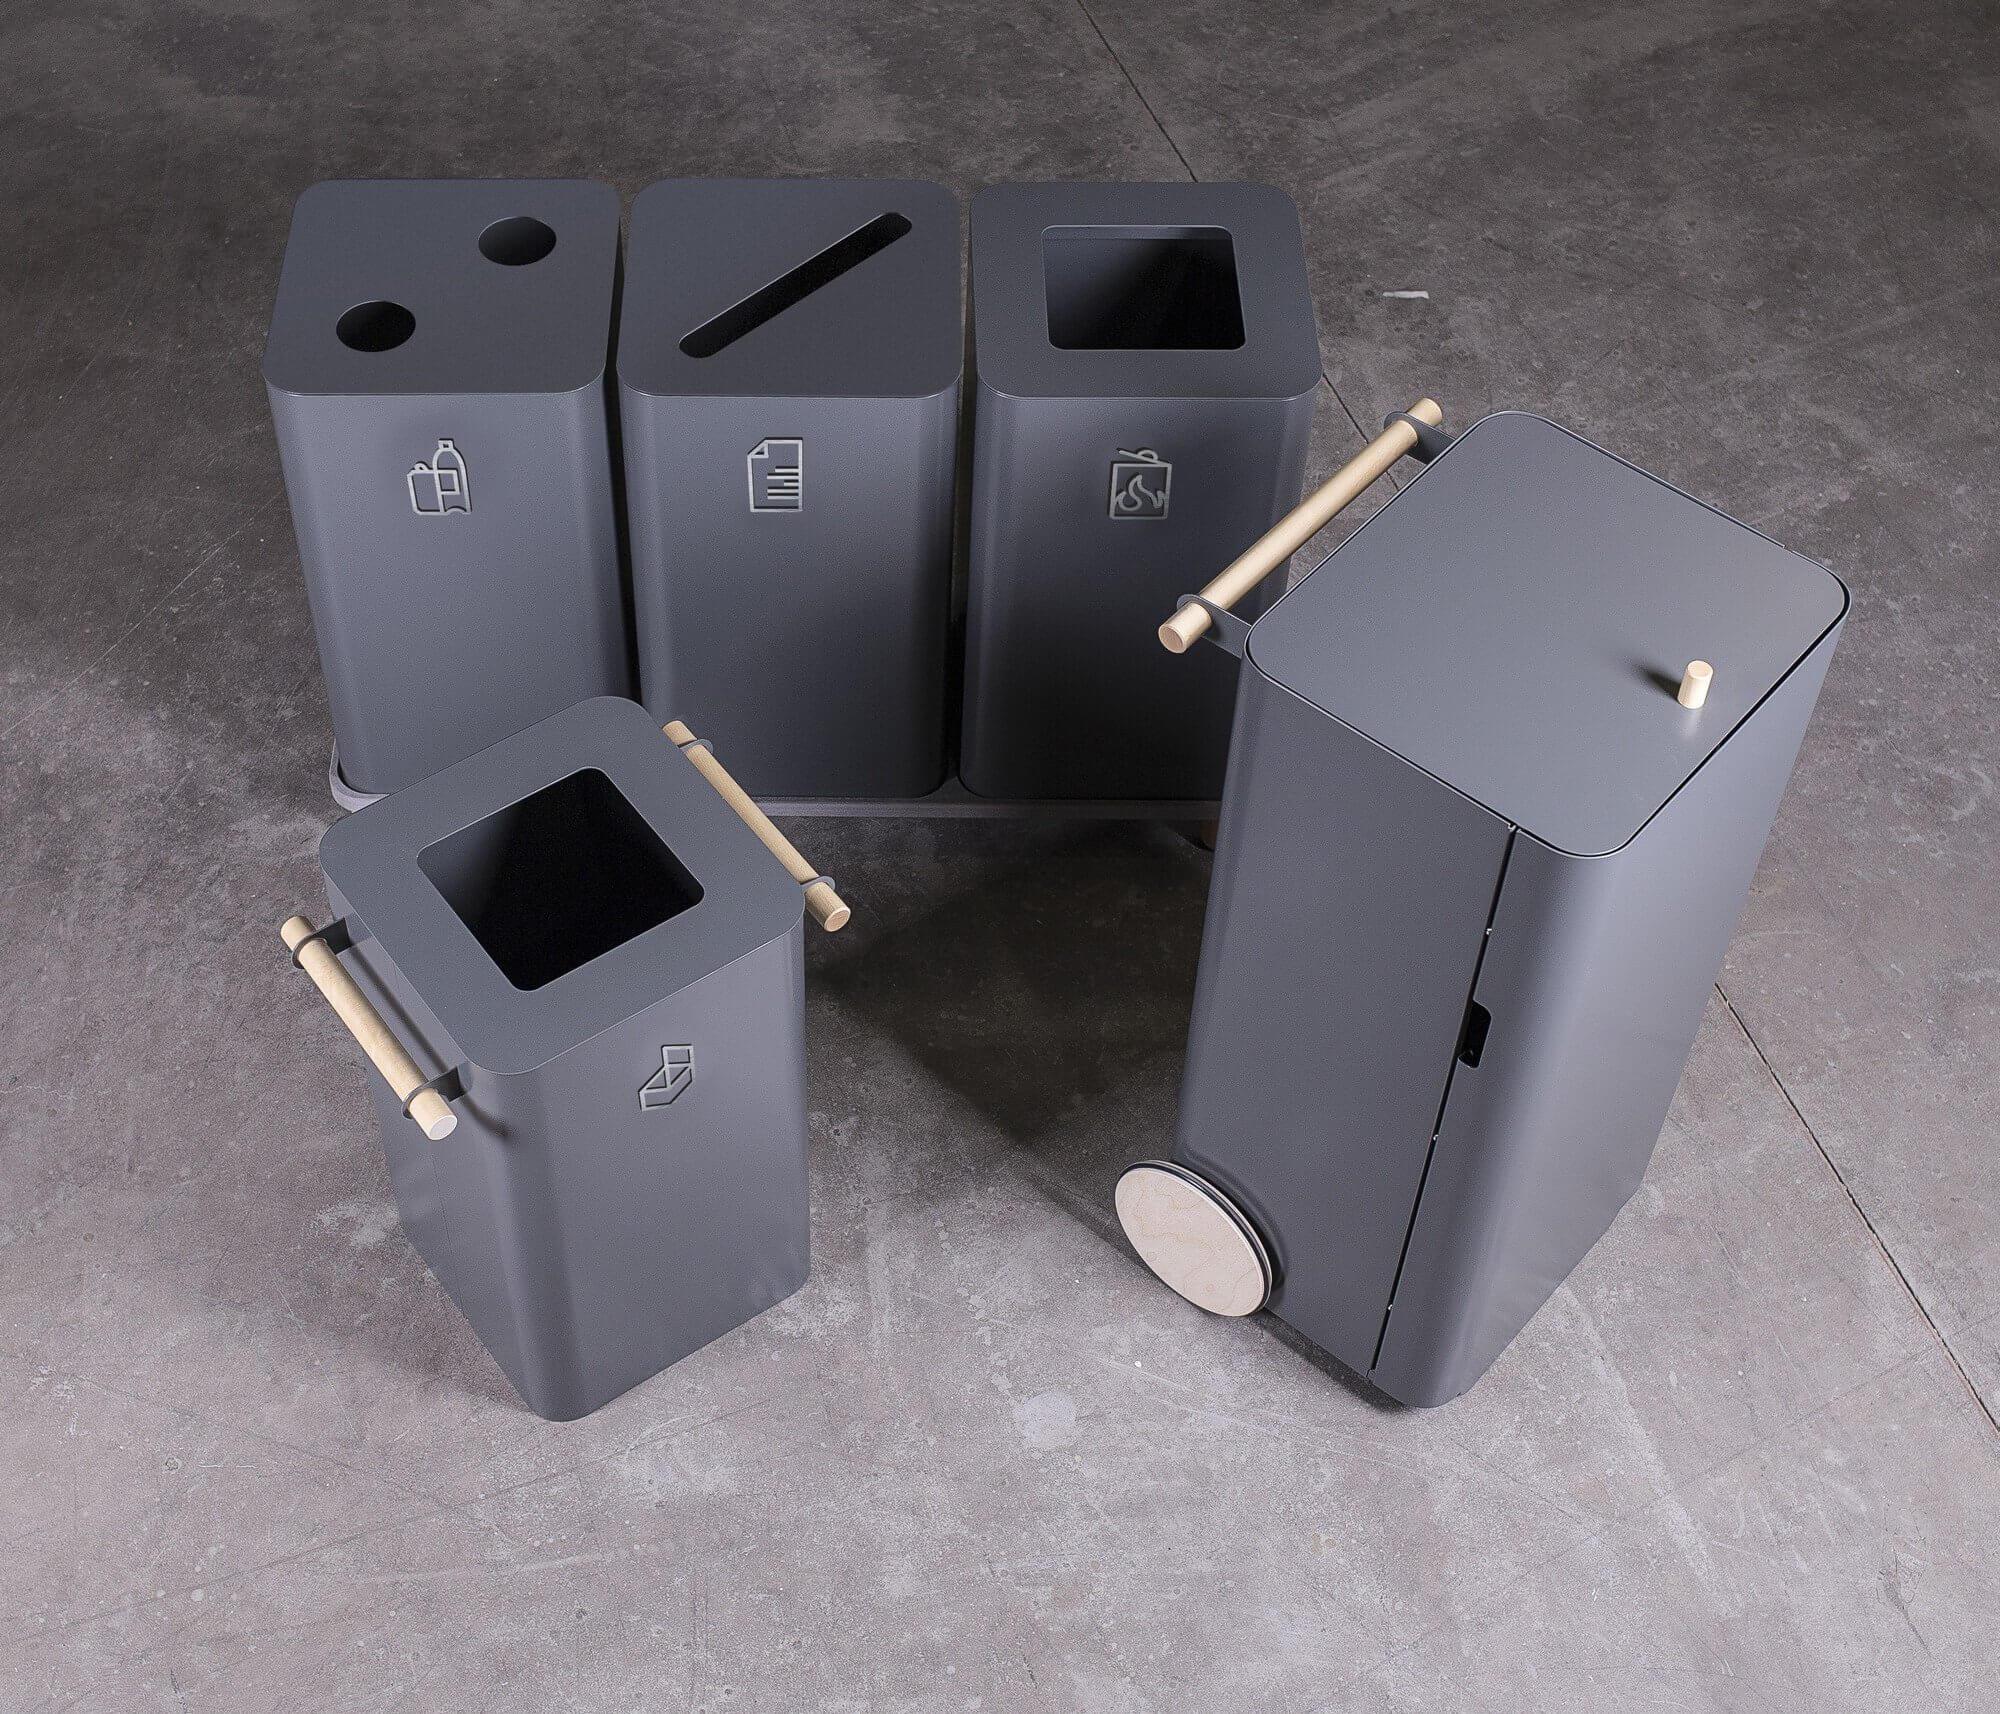 Corbeille de tri design ARK